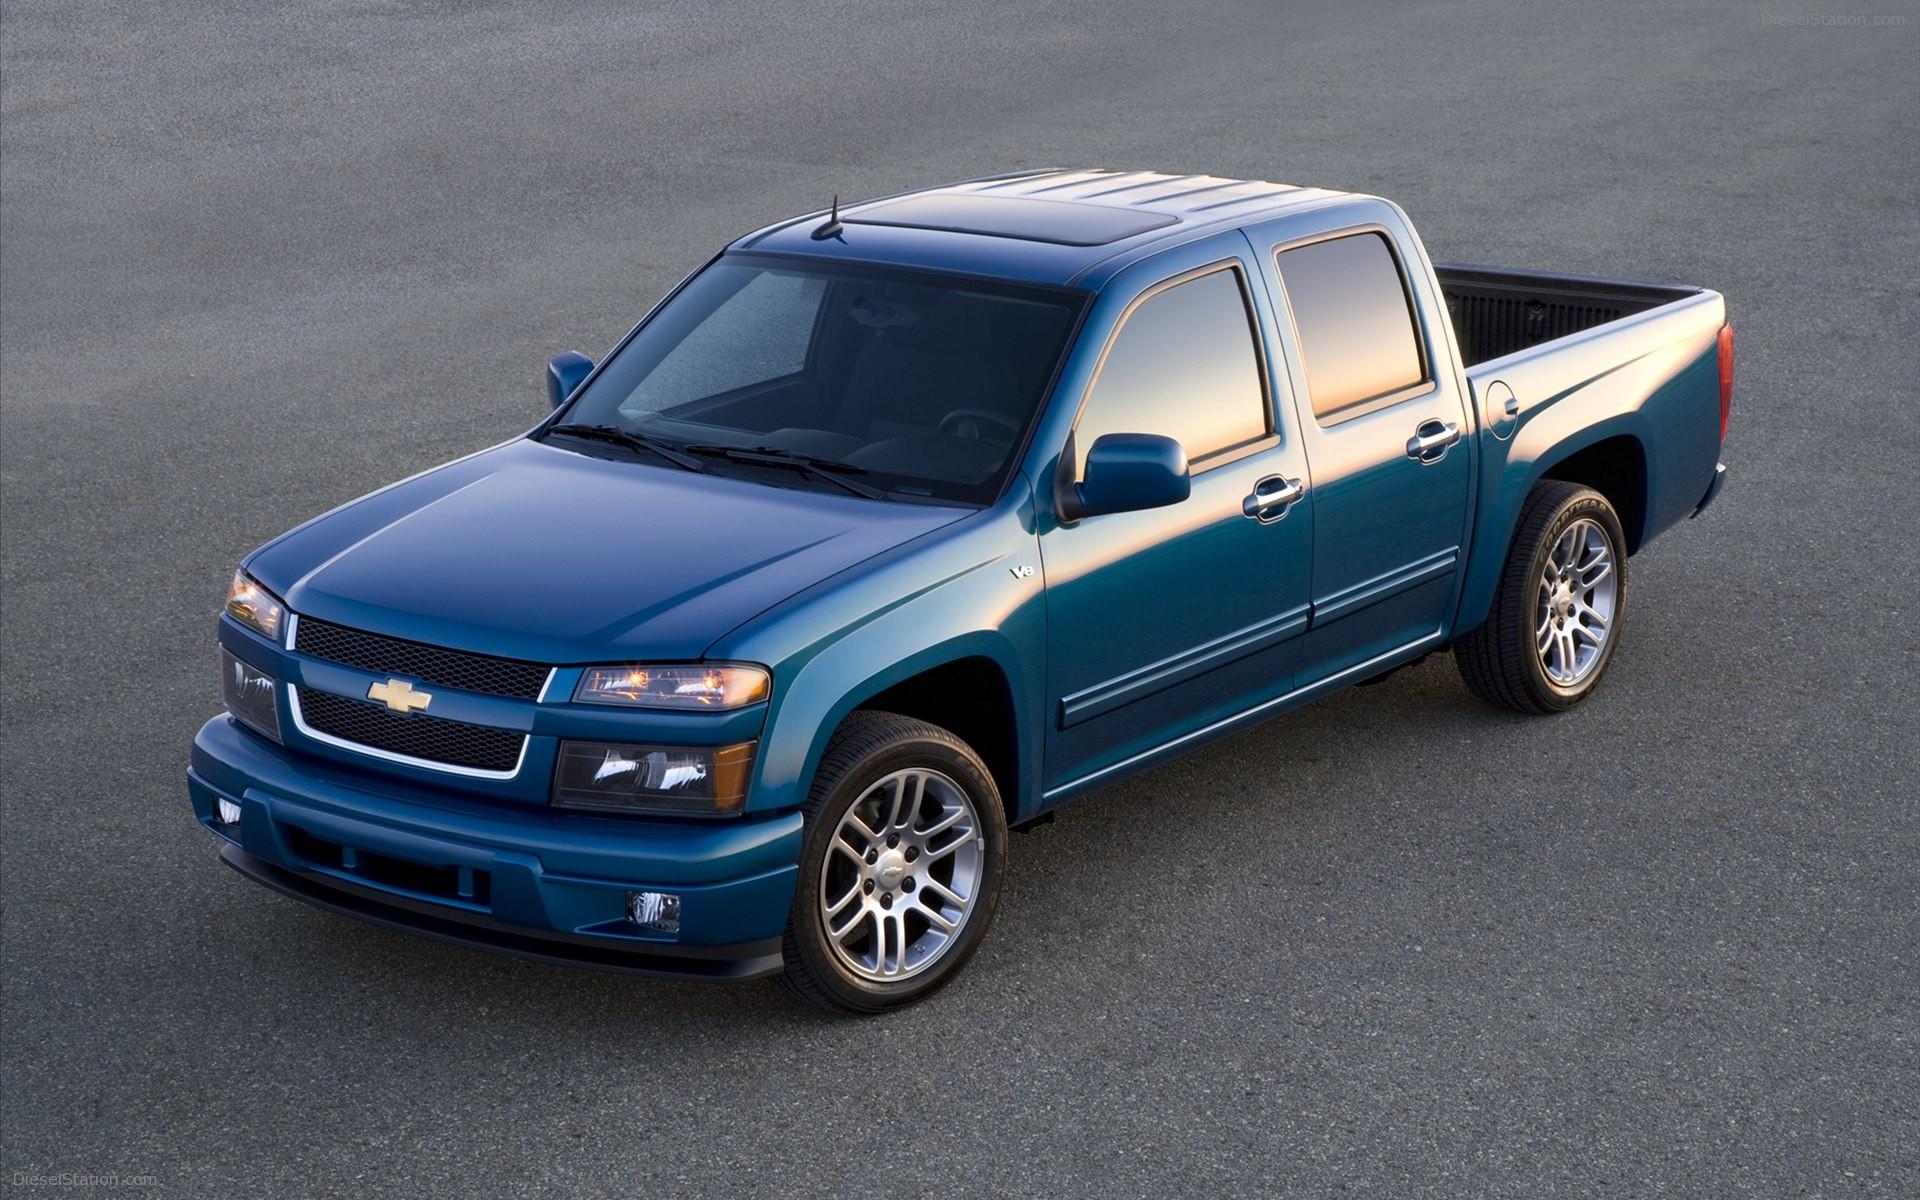 Chevrolet Colorado 27 Wide Wallpaper